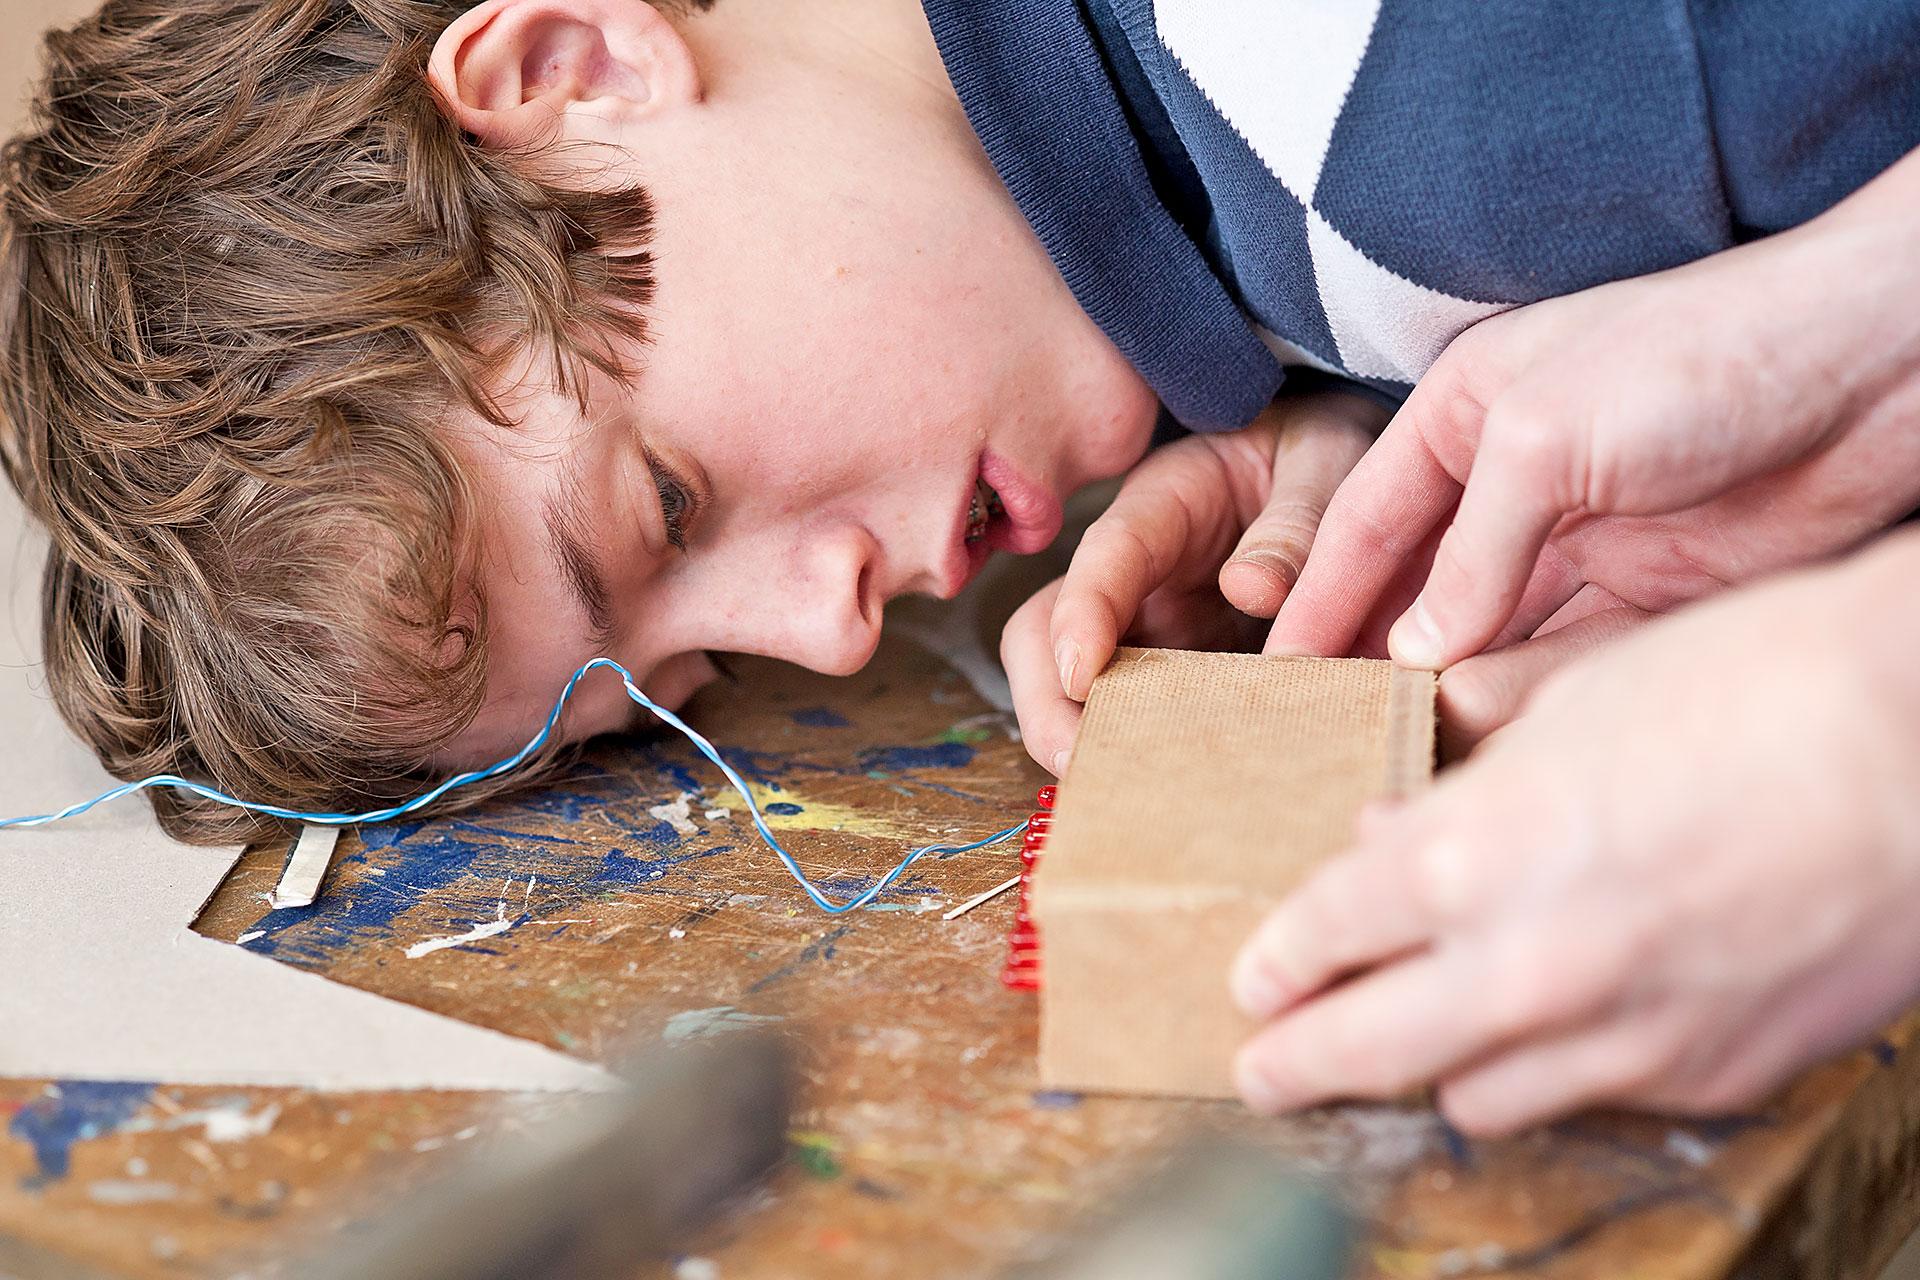 Junge lehnt sich über ein Kästchen mit LED-Dioden